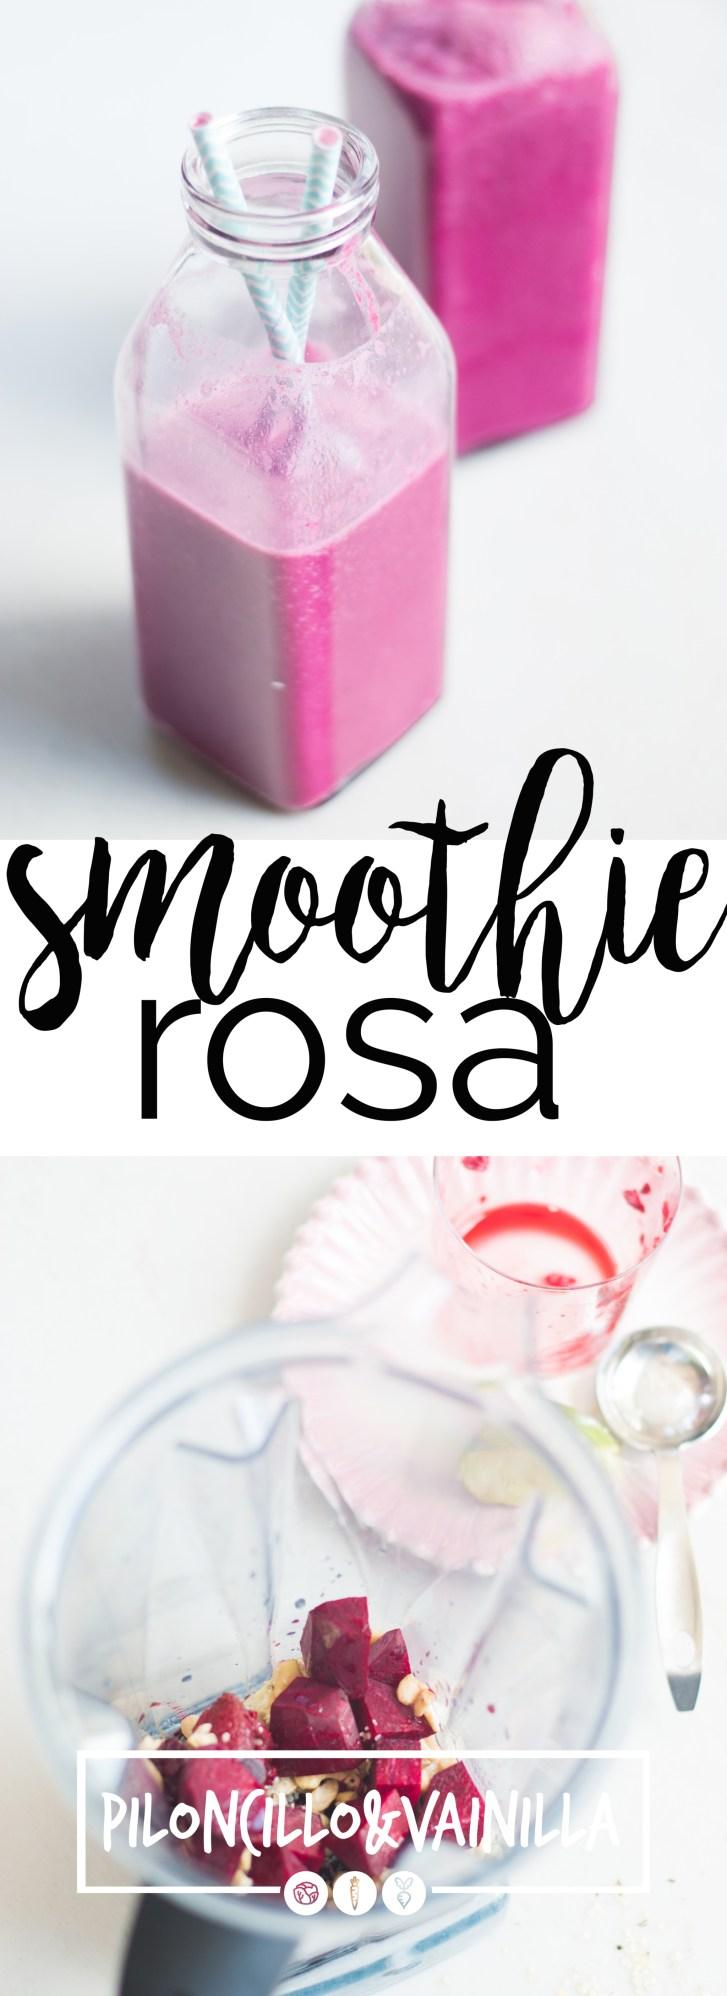 Receta para hacer un smoothie rosa lleno de vitaminas y minerales.